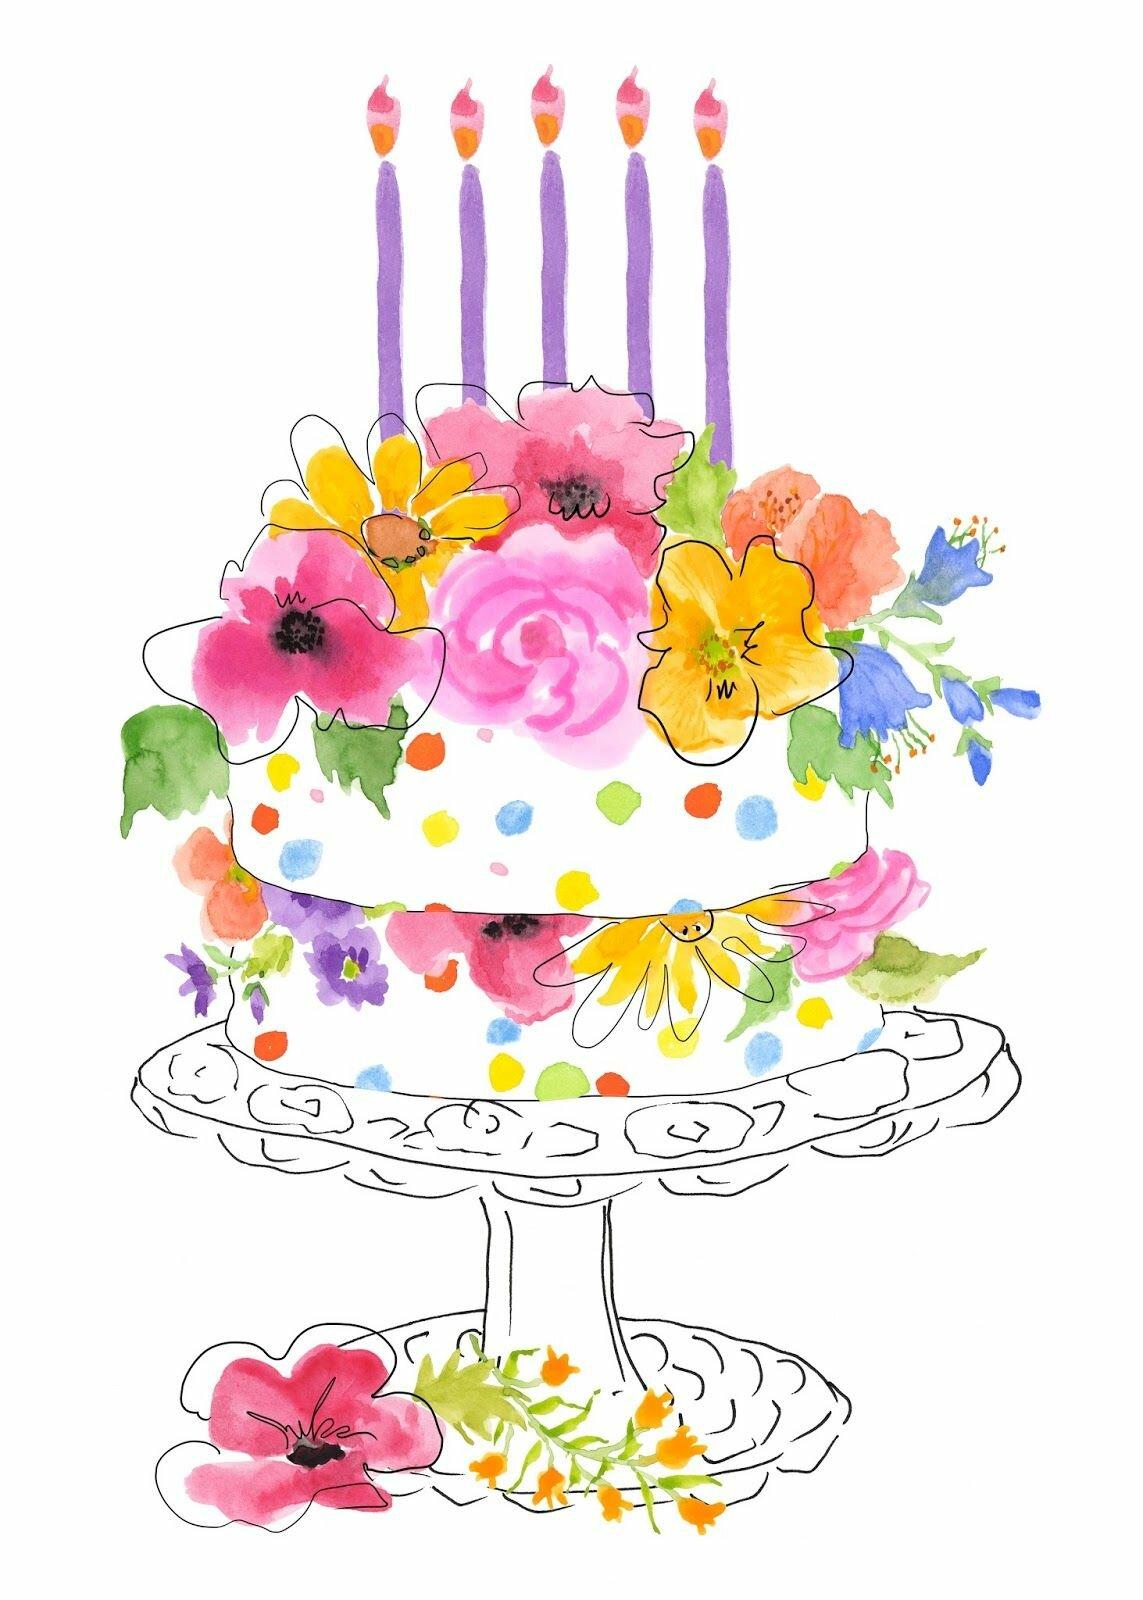 Открытки с днем рождения нарисовать акварелью, оля андрей смешные